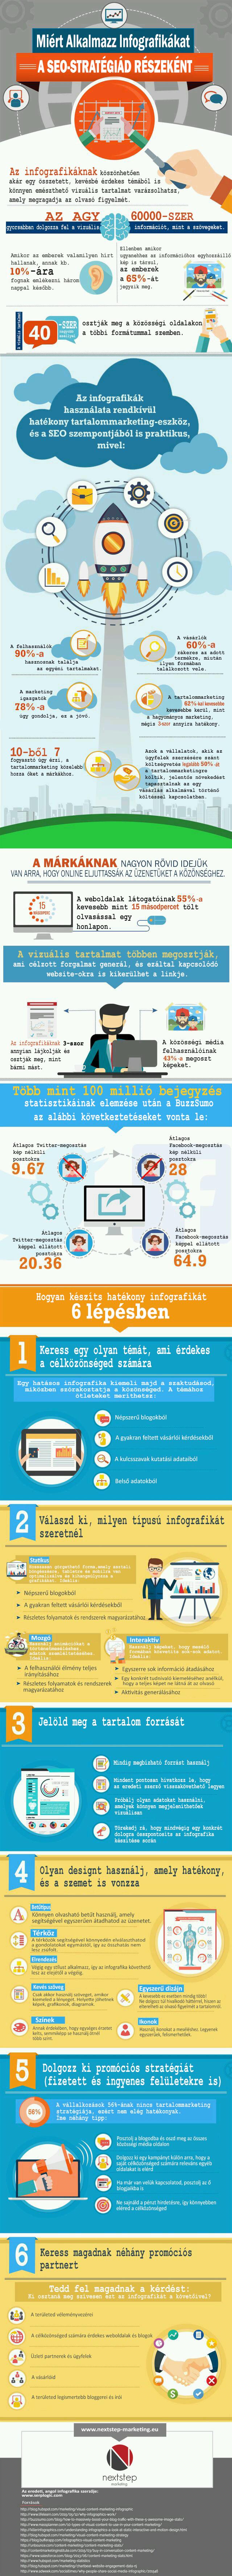 miert_alkalmazz_infografikakat_1.jpg